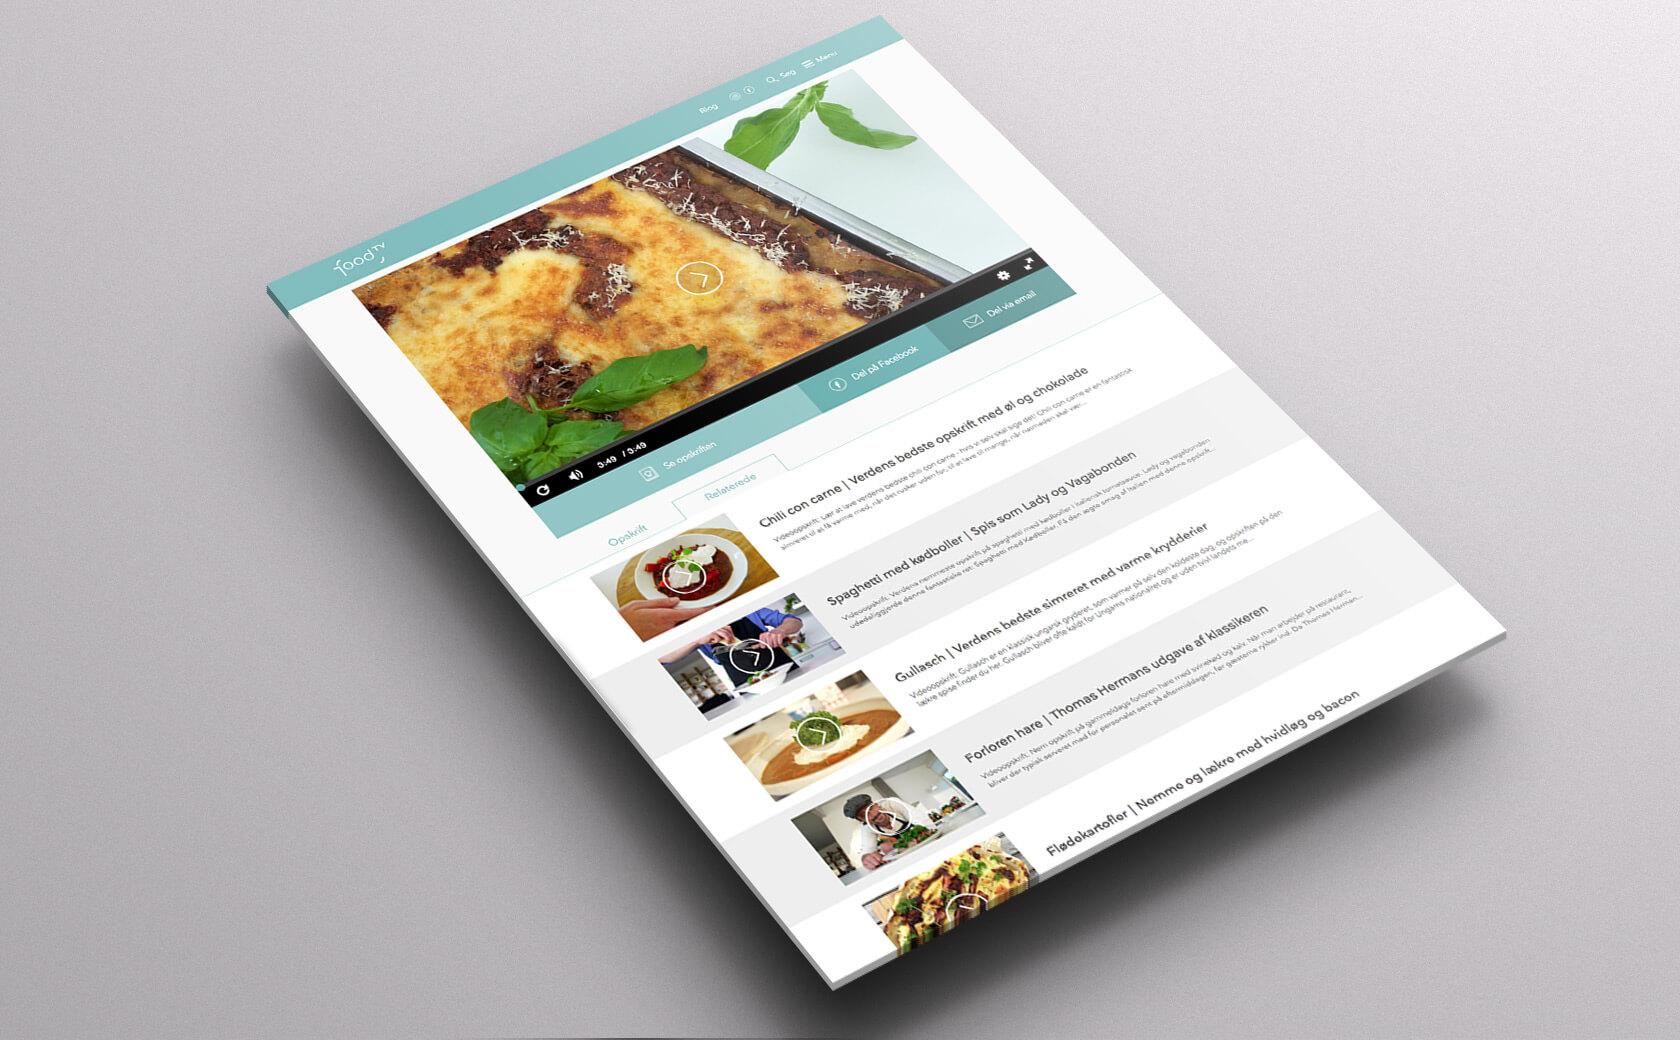 FoodTV_iPad-flowed_04.jpg